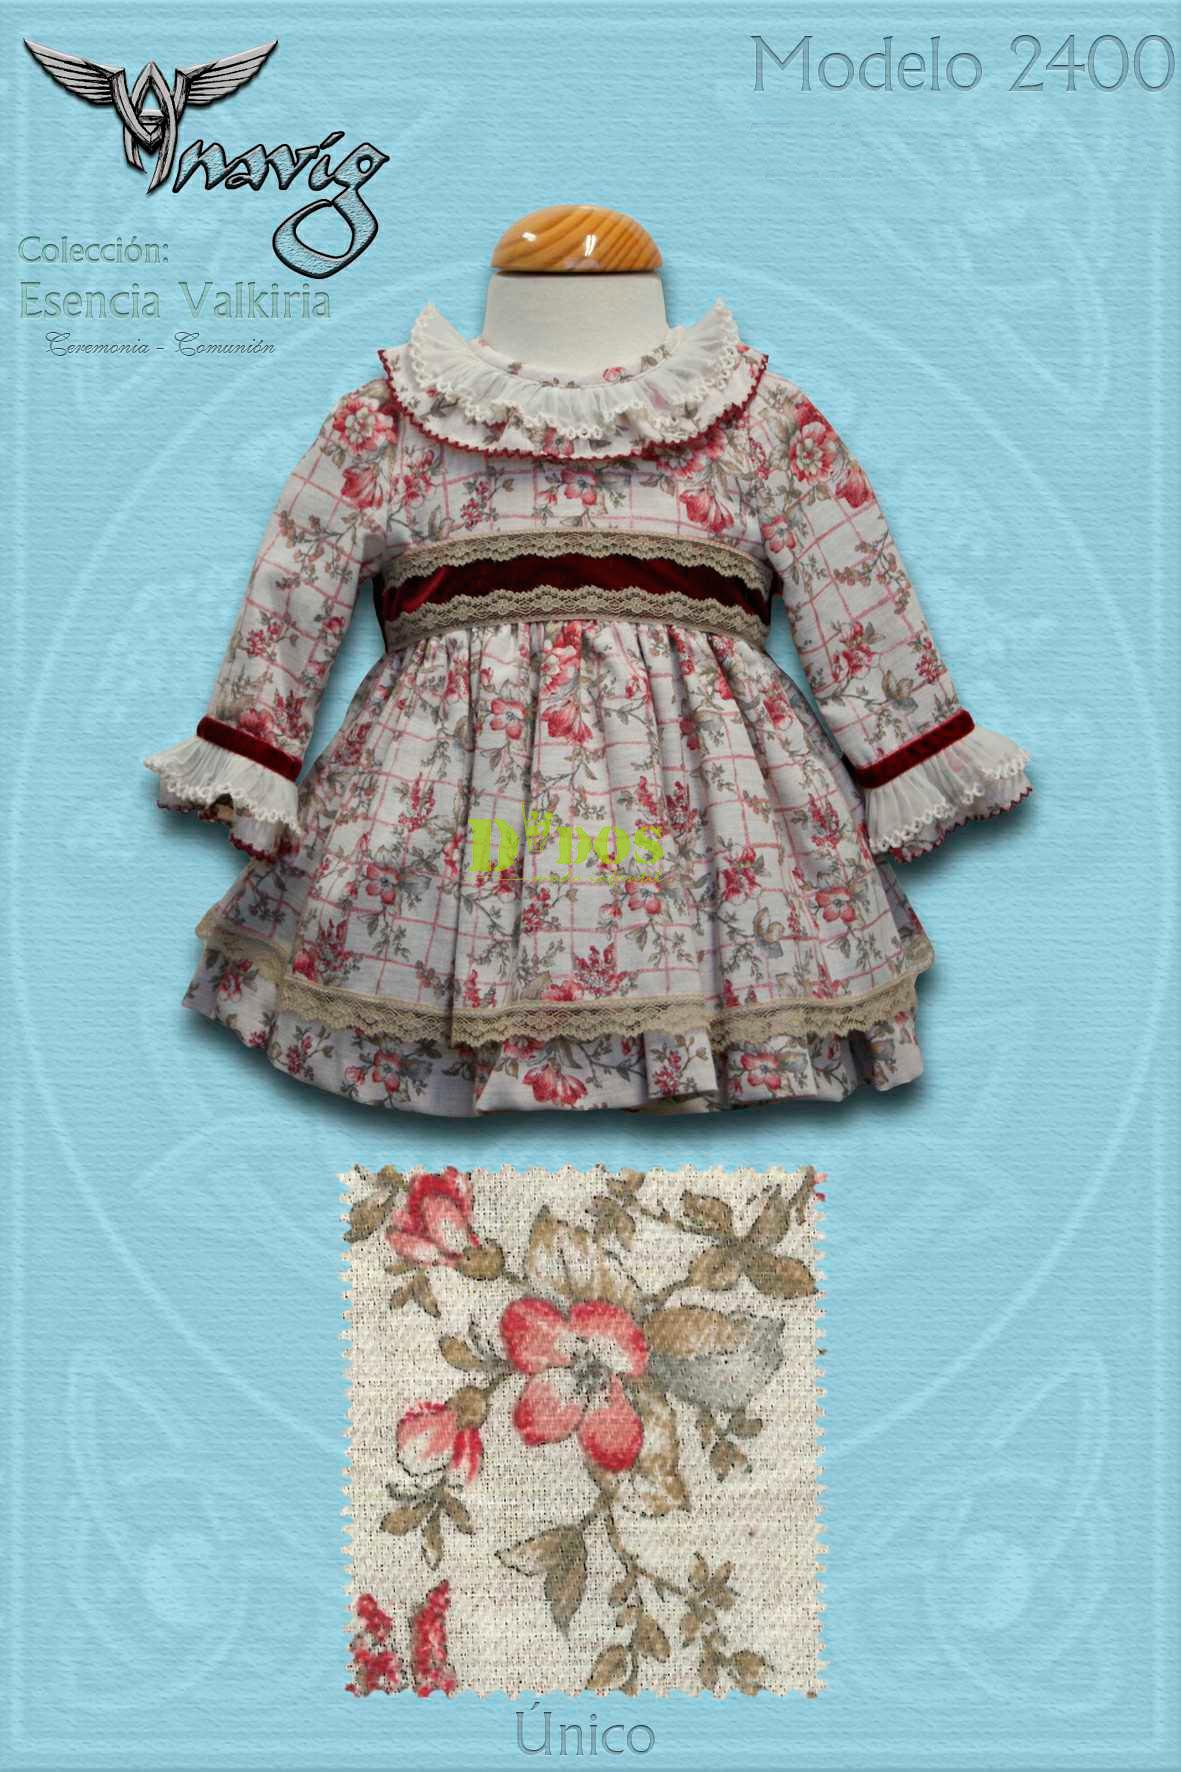 46b997334 Foto 1 de Vestido bebé 2400 Anavig